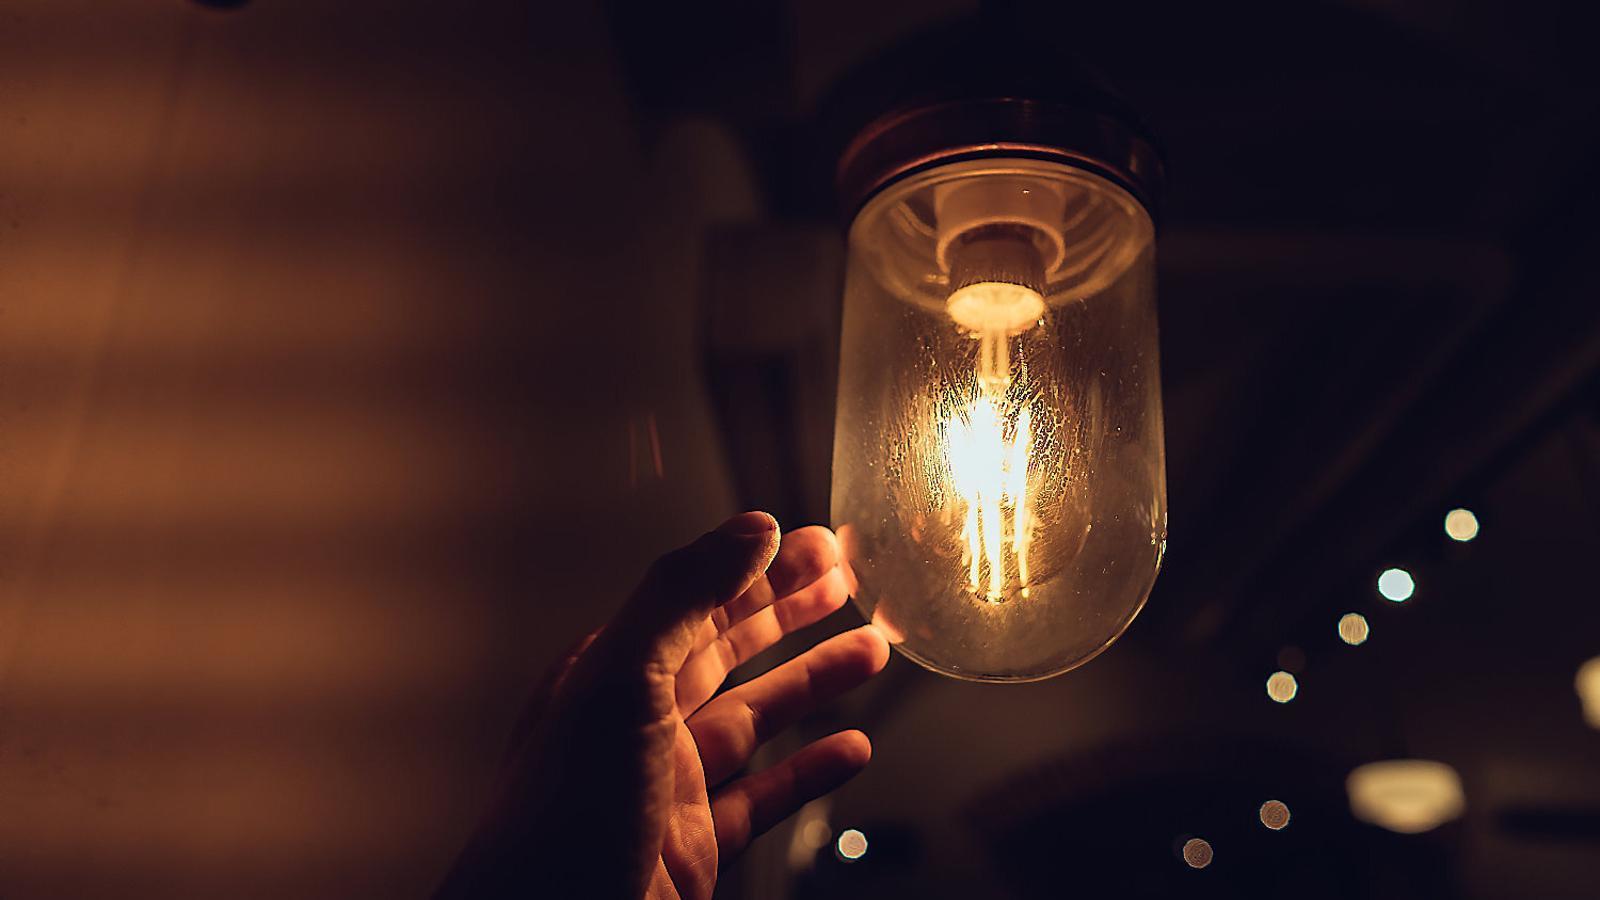 Cinc consells per gastar menys en llum